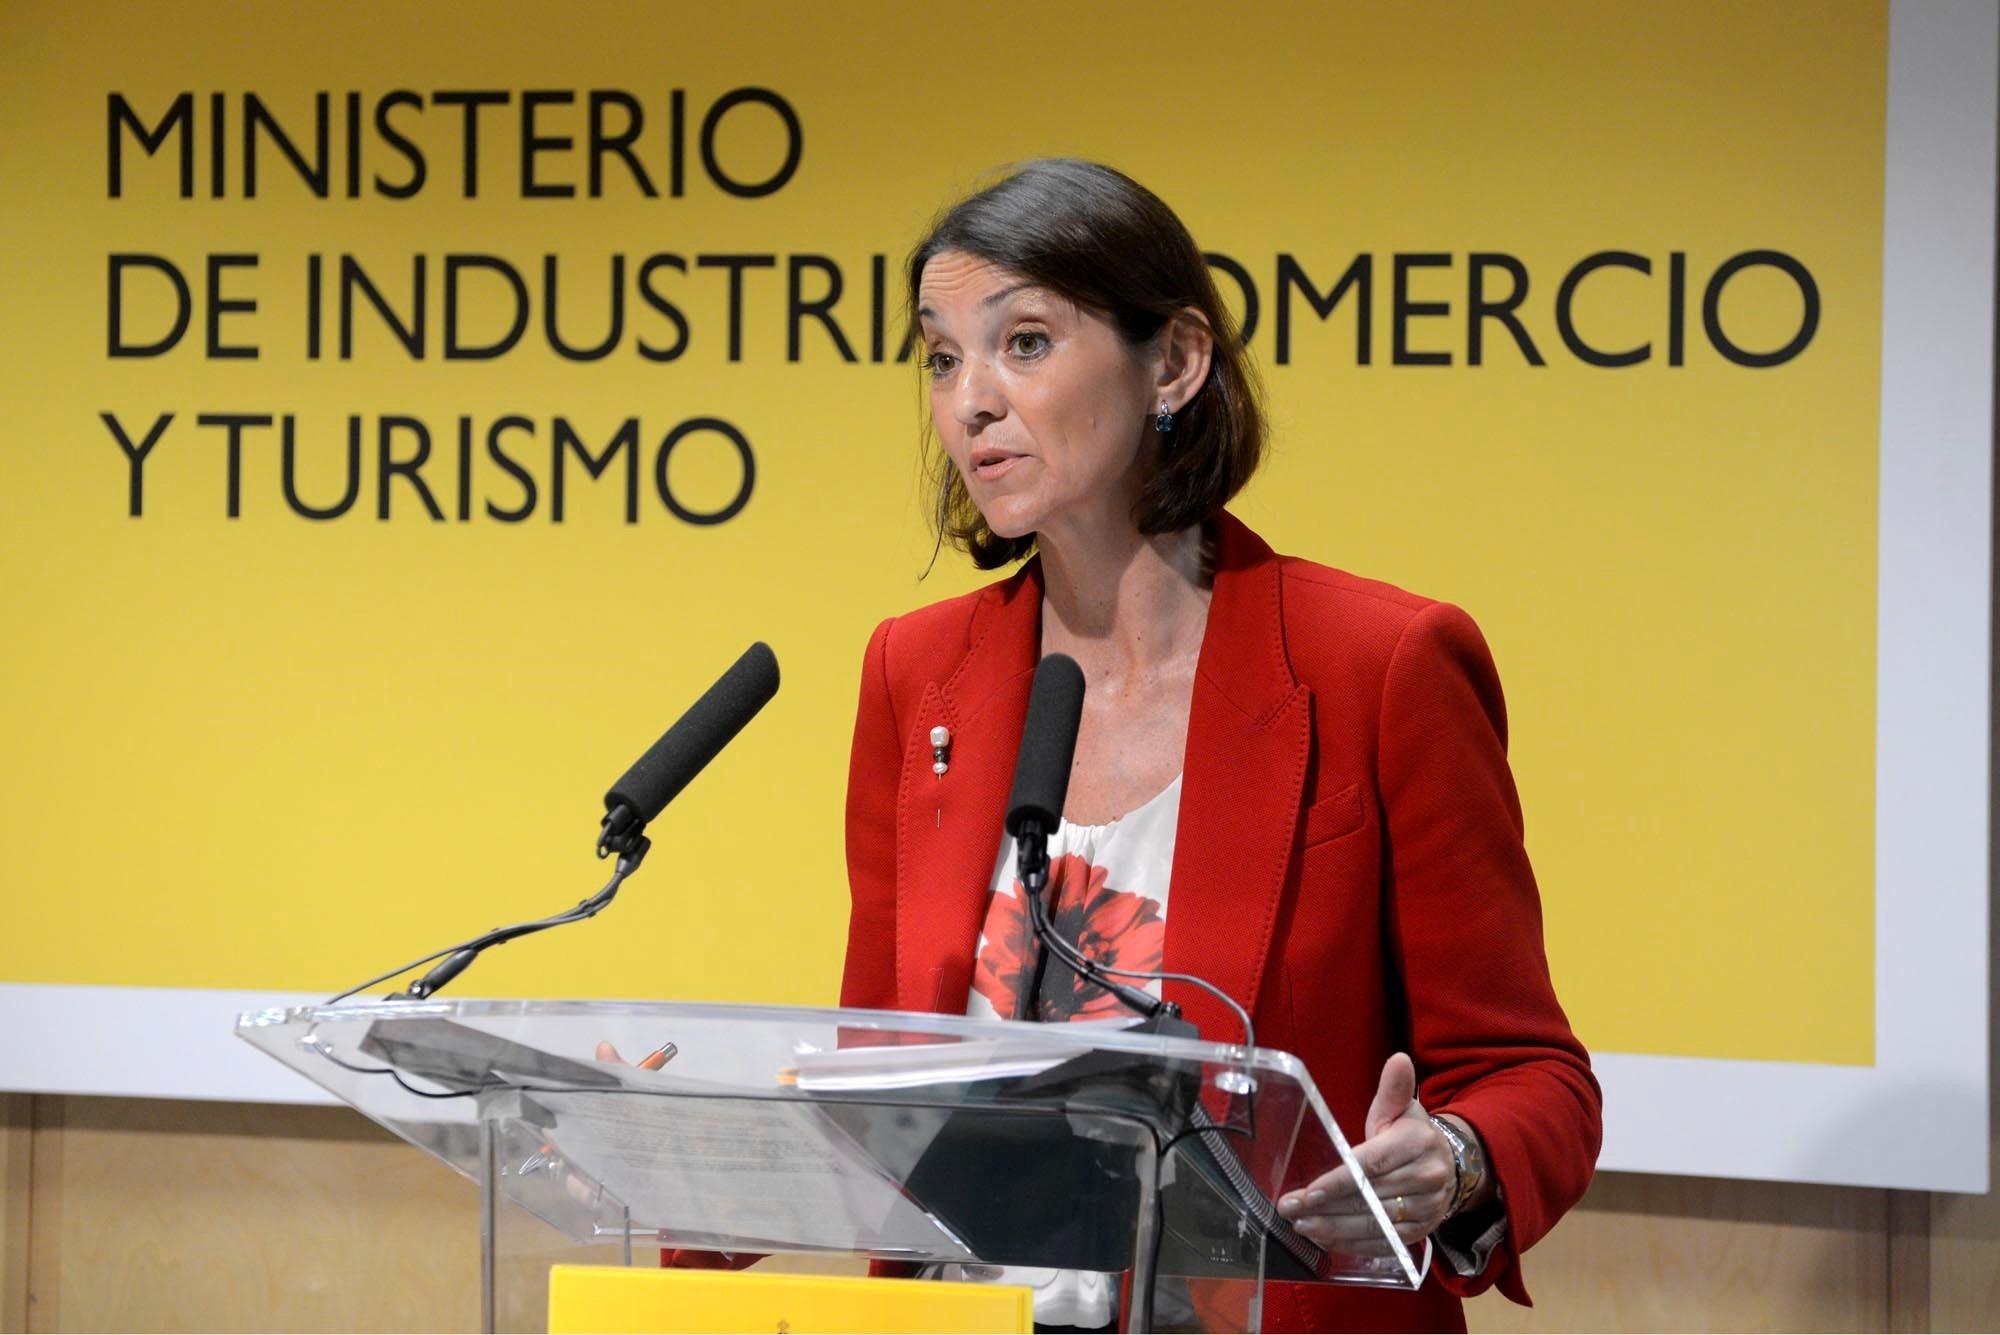 La ministra de Industria, Comercio y Turismo visitará Navarra en agosto.